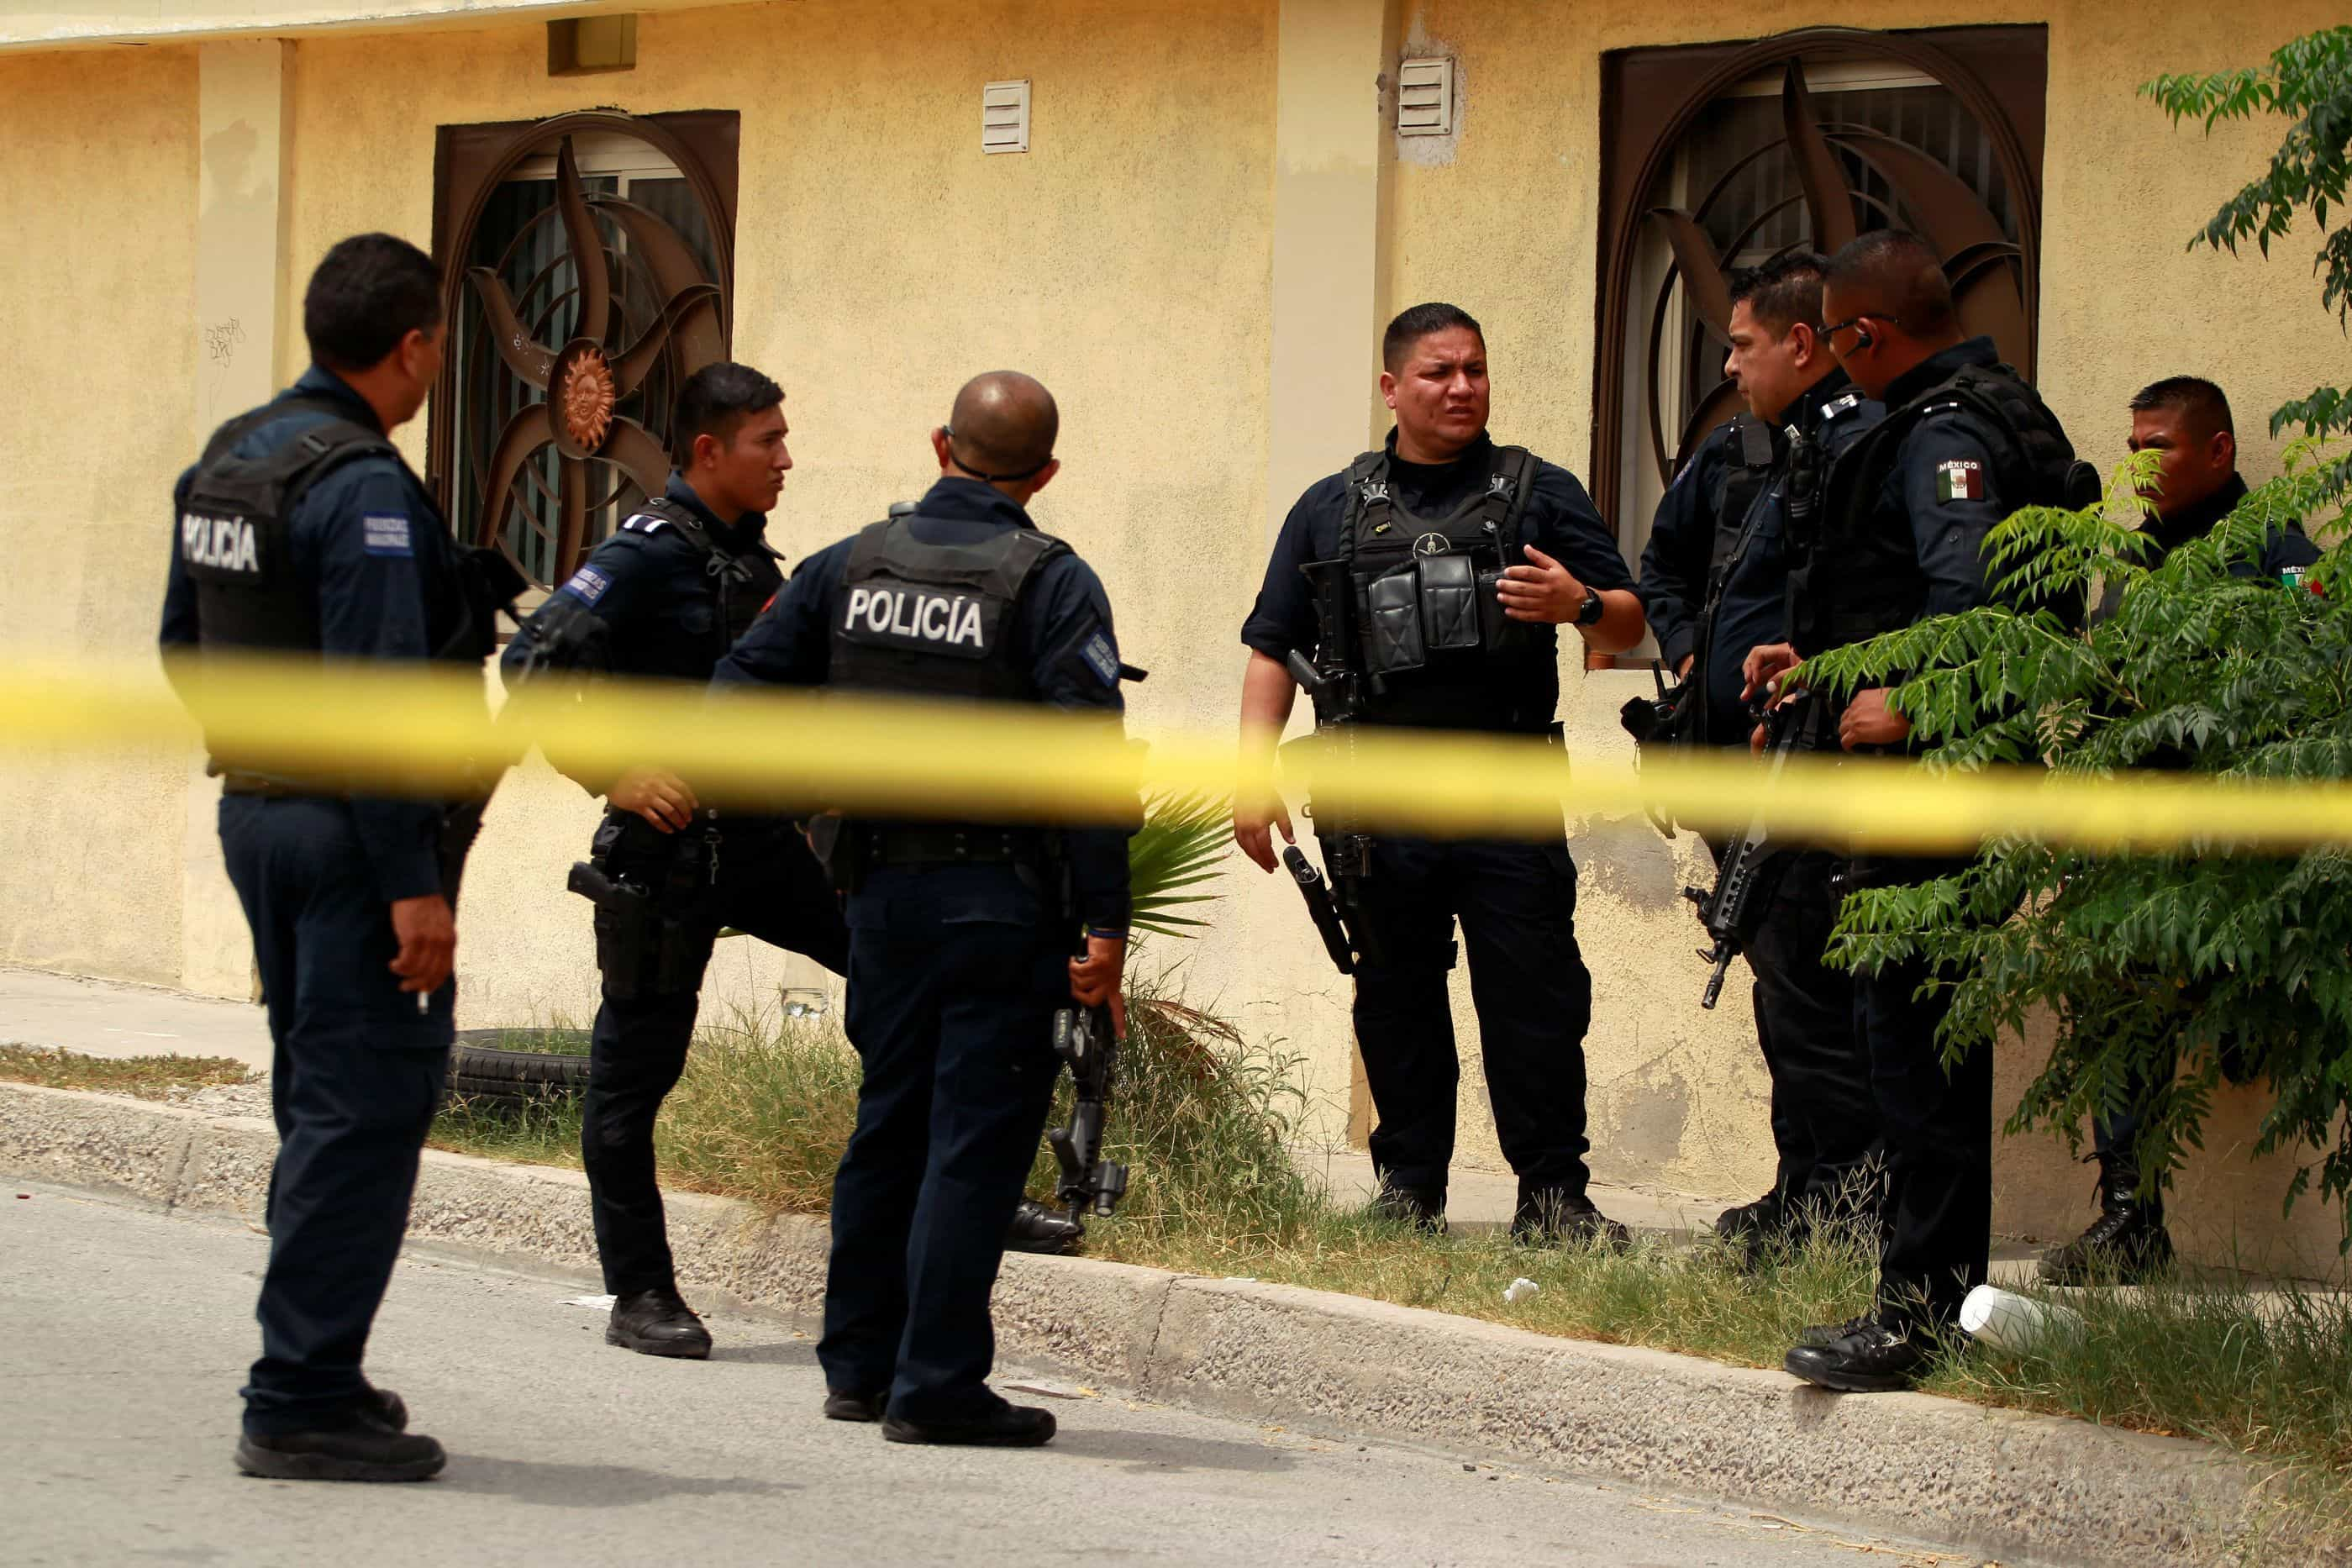 Centenas de cadáveres são encontrados em veículos no México